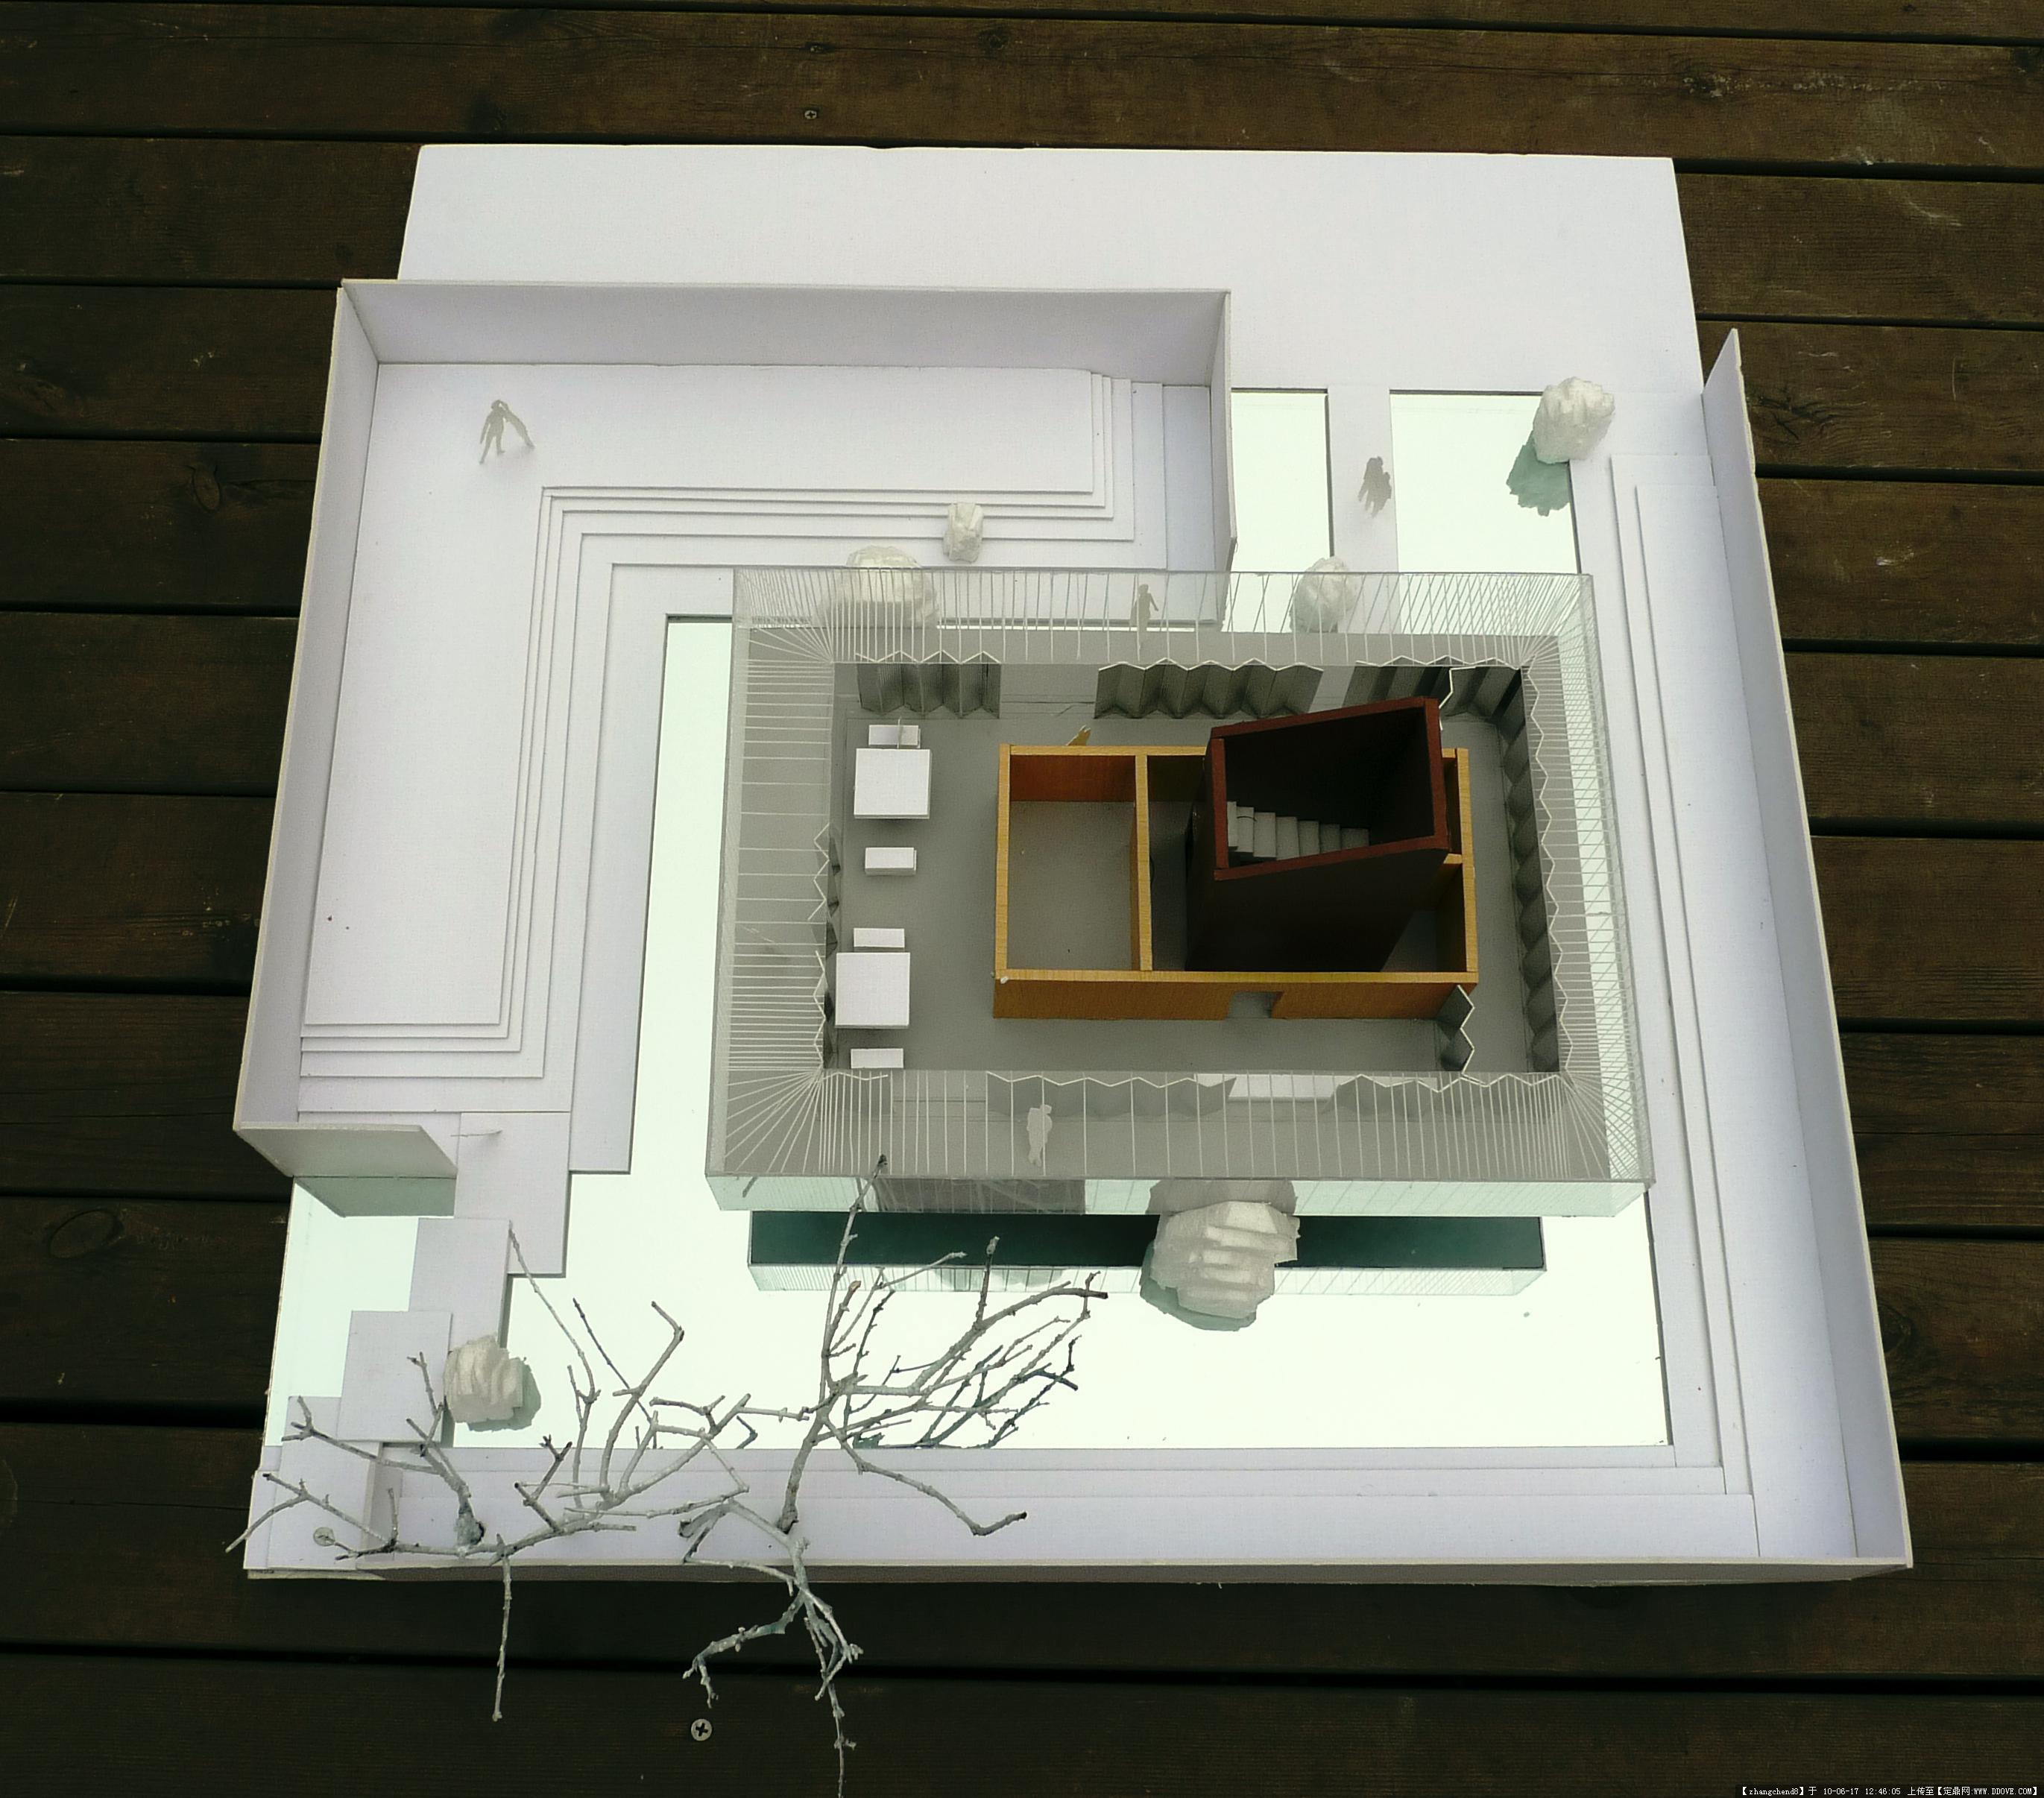 概念性建筑设计图片一组